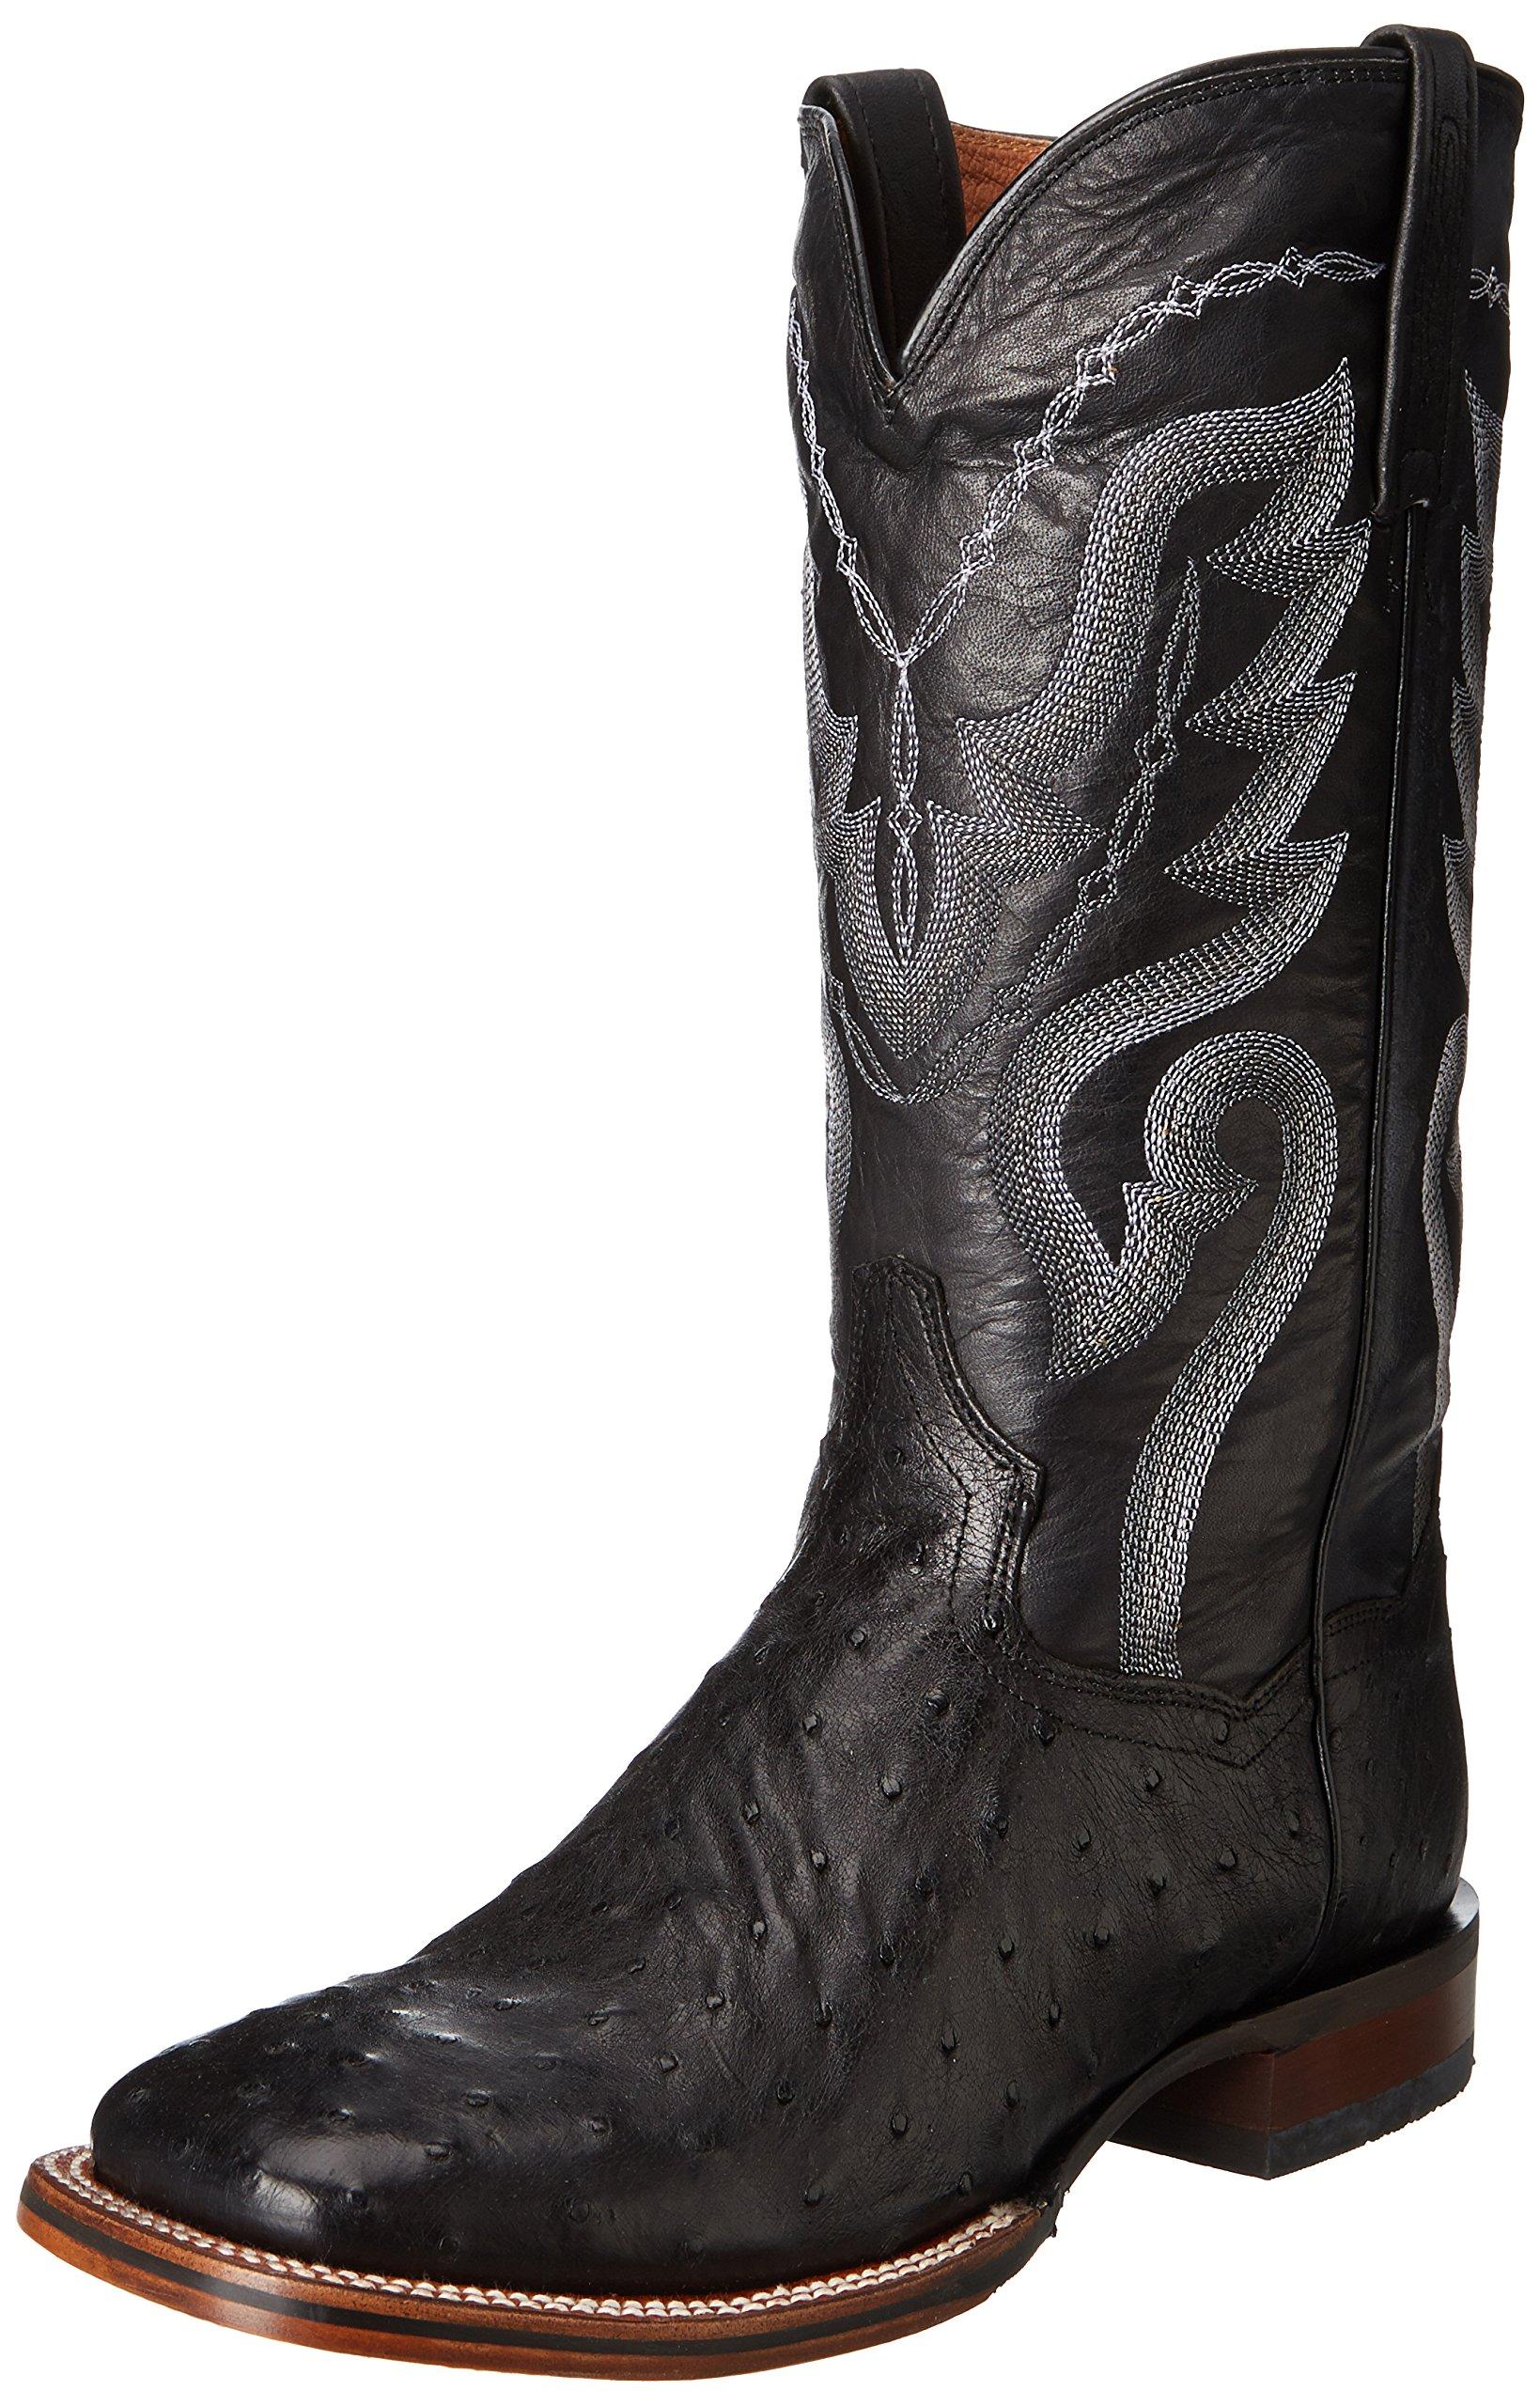 Dan Post Men's Chandler Western Boot,Black,10.5 D US by Dan Post